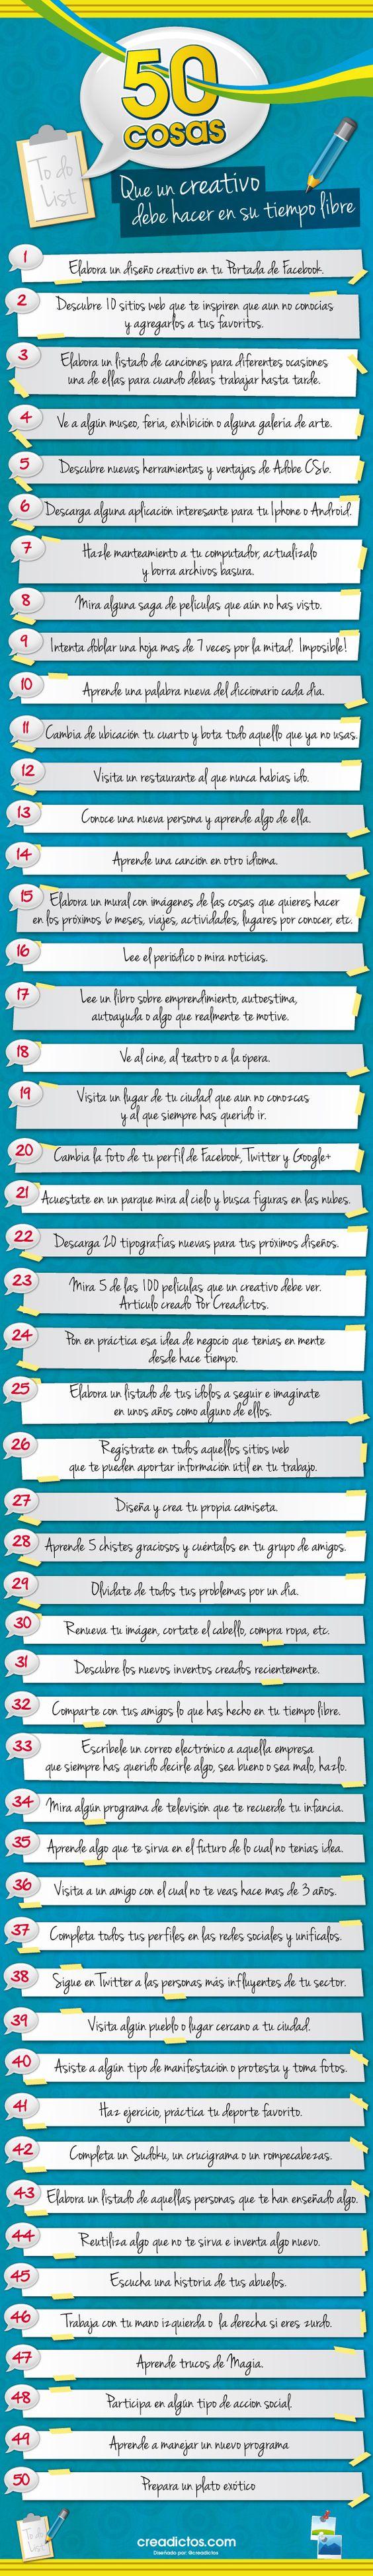 Infografía en español que muestra 50 cosas que un creativo debe hacer en su tiempo libre